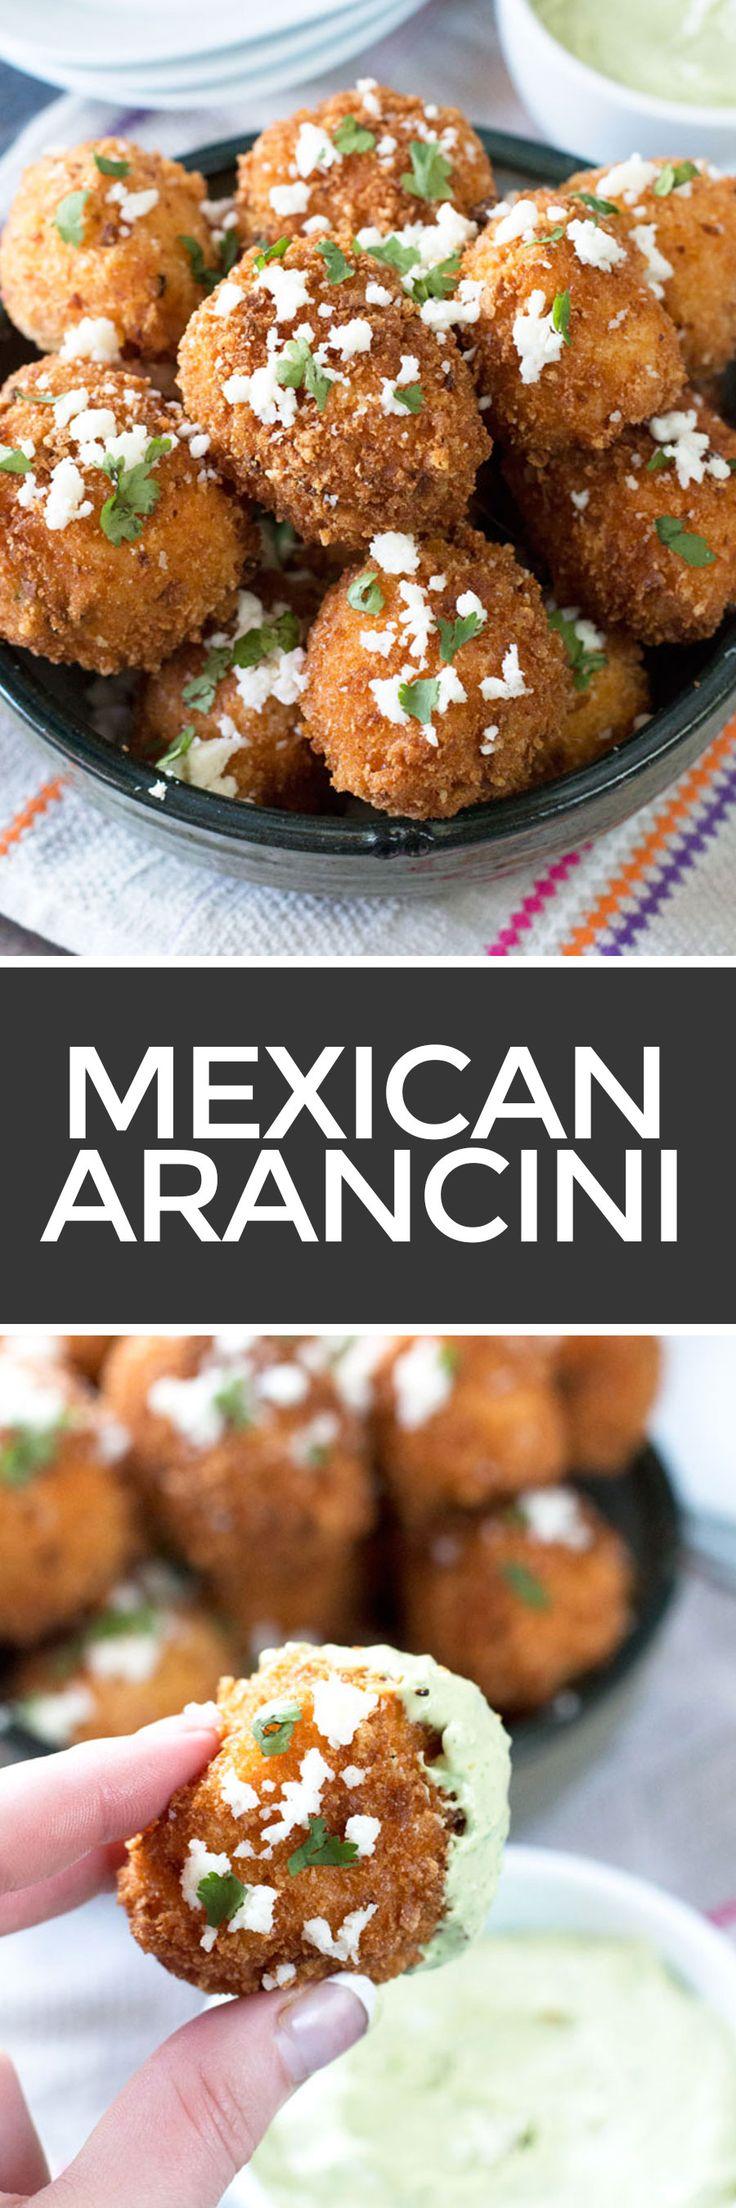 Mexican Arancini with Avocado Cilantro Dipping Sauce | cakenknife.com